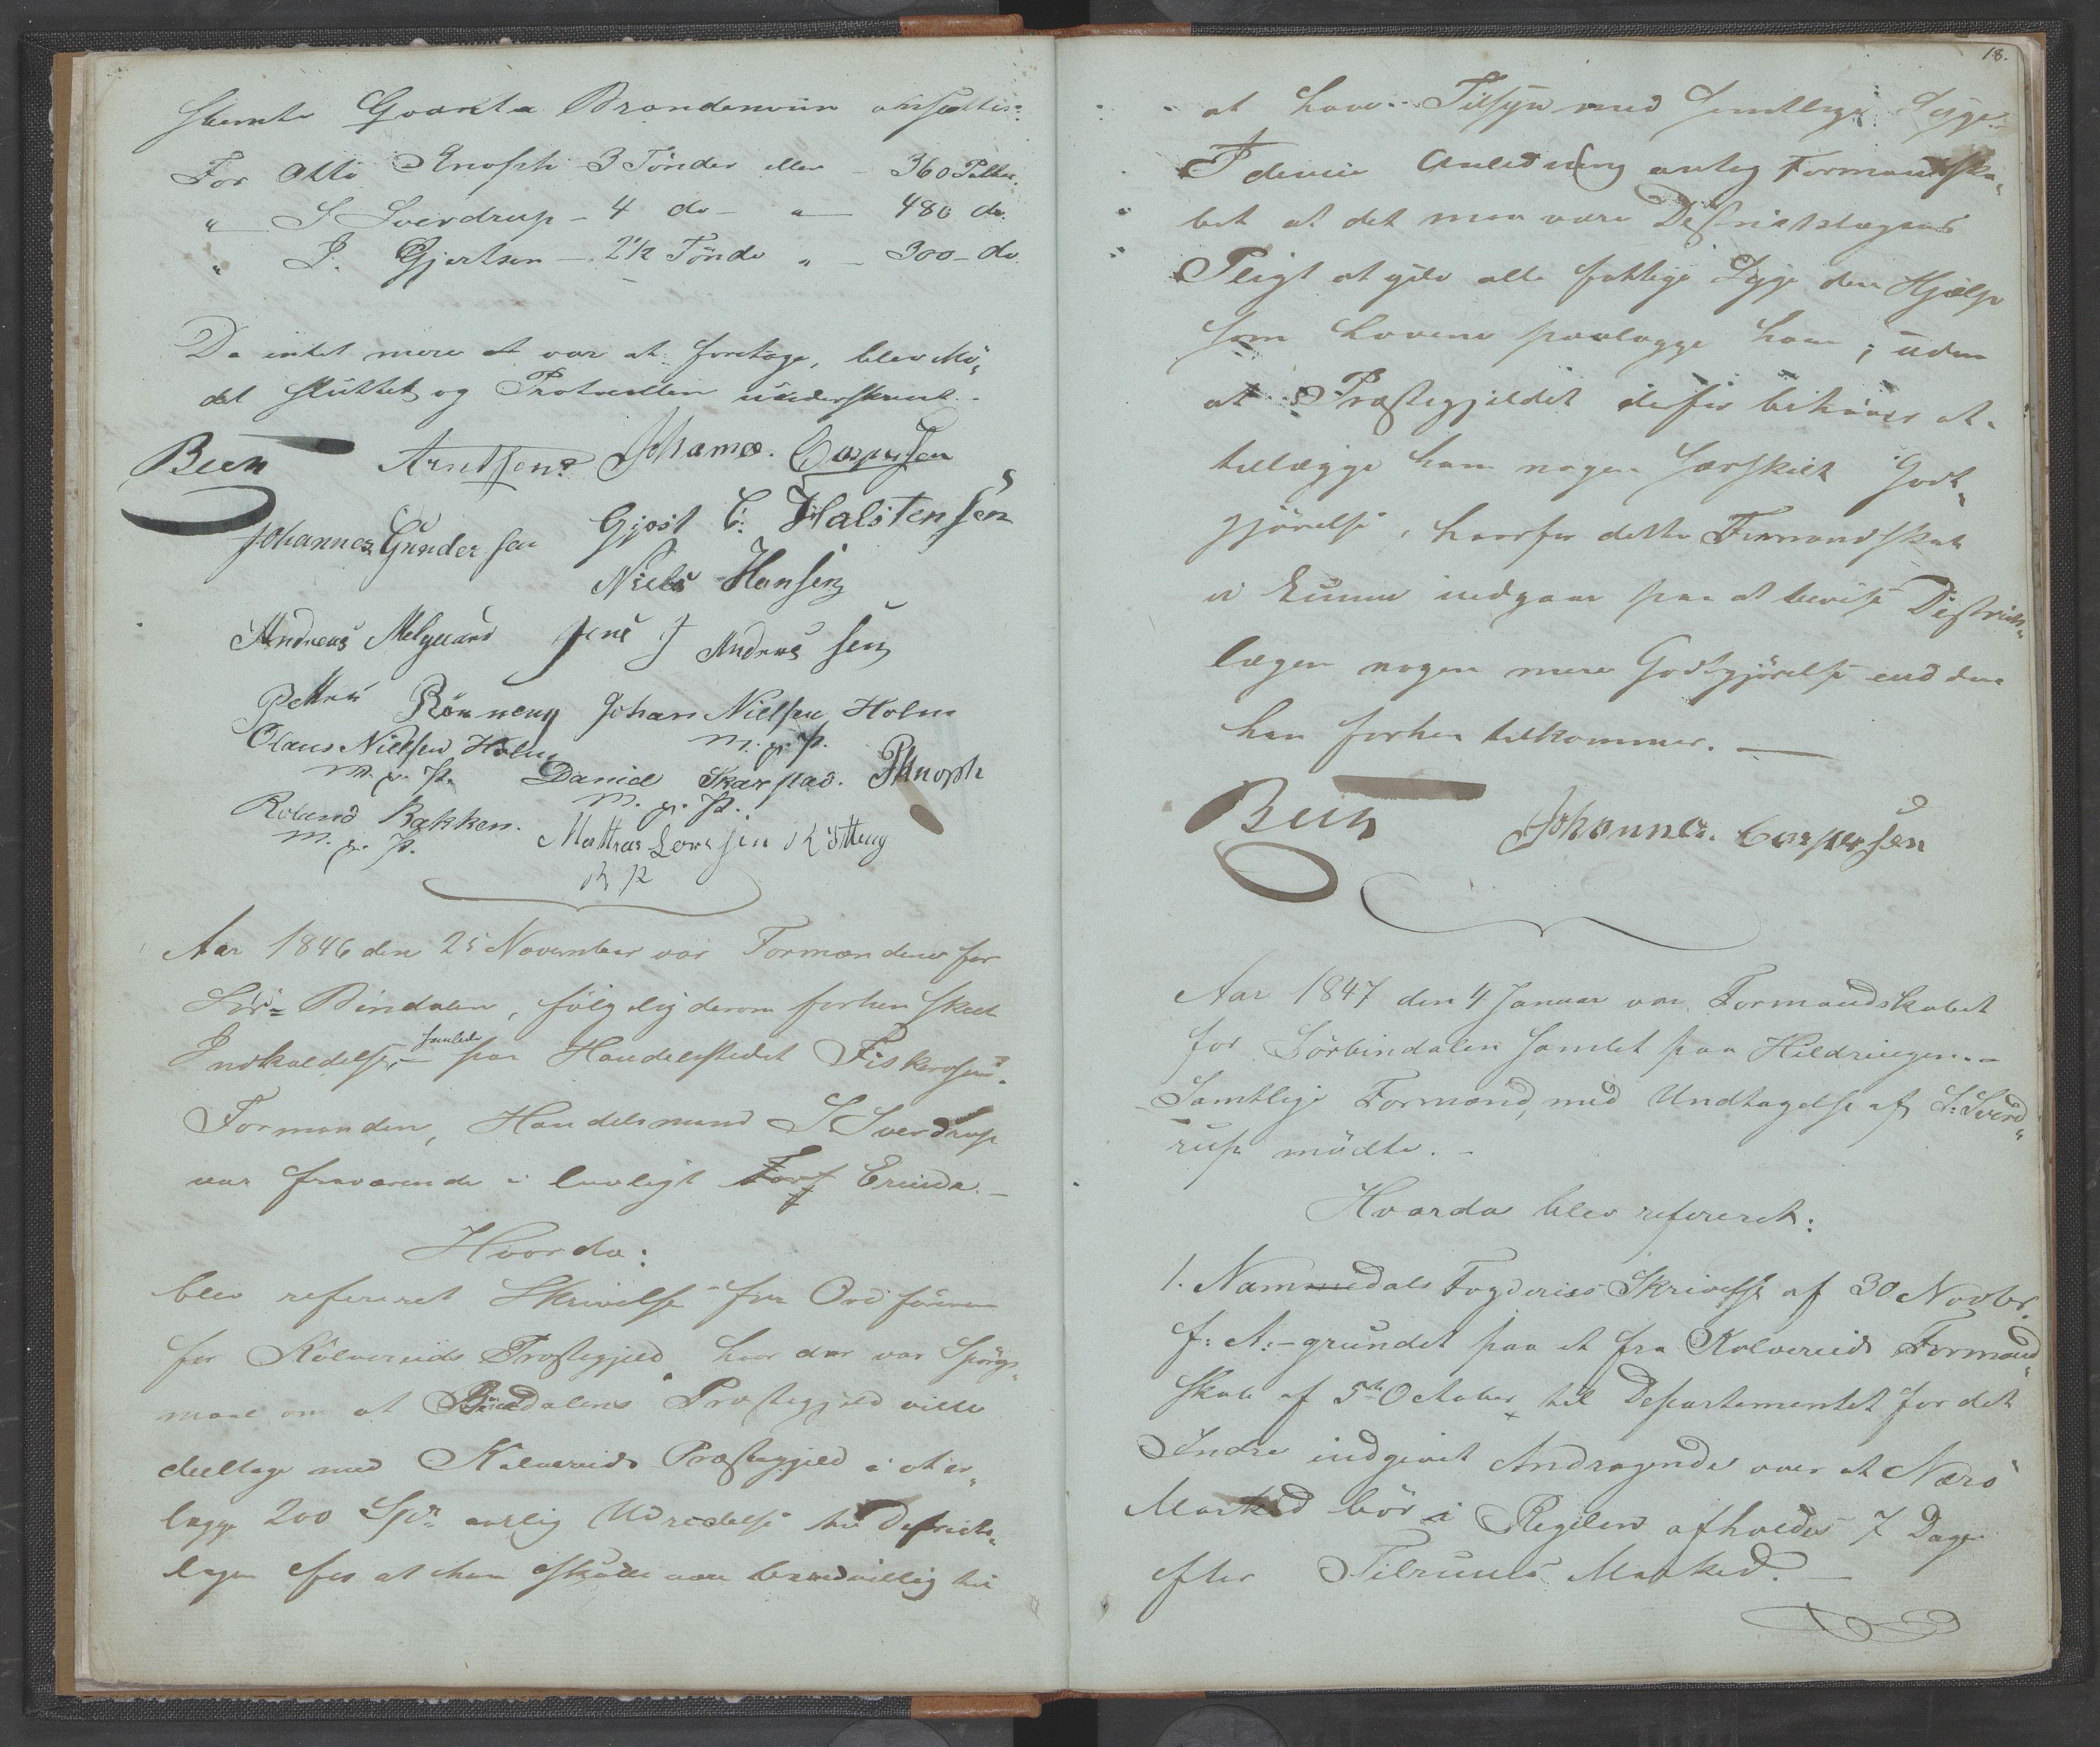 AIN, Bindal kommune. Formannskapet, A/Aa/L0000a: Møtebok, 1843-1881, s. 18